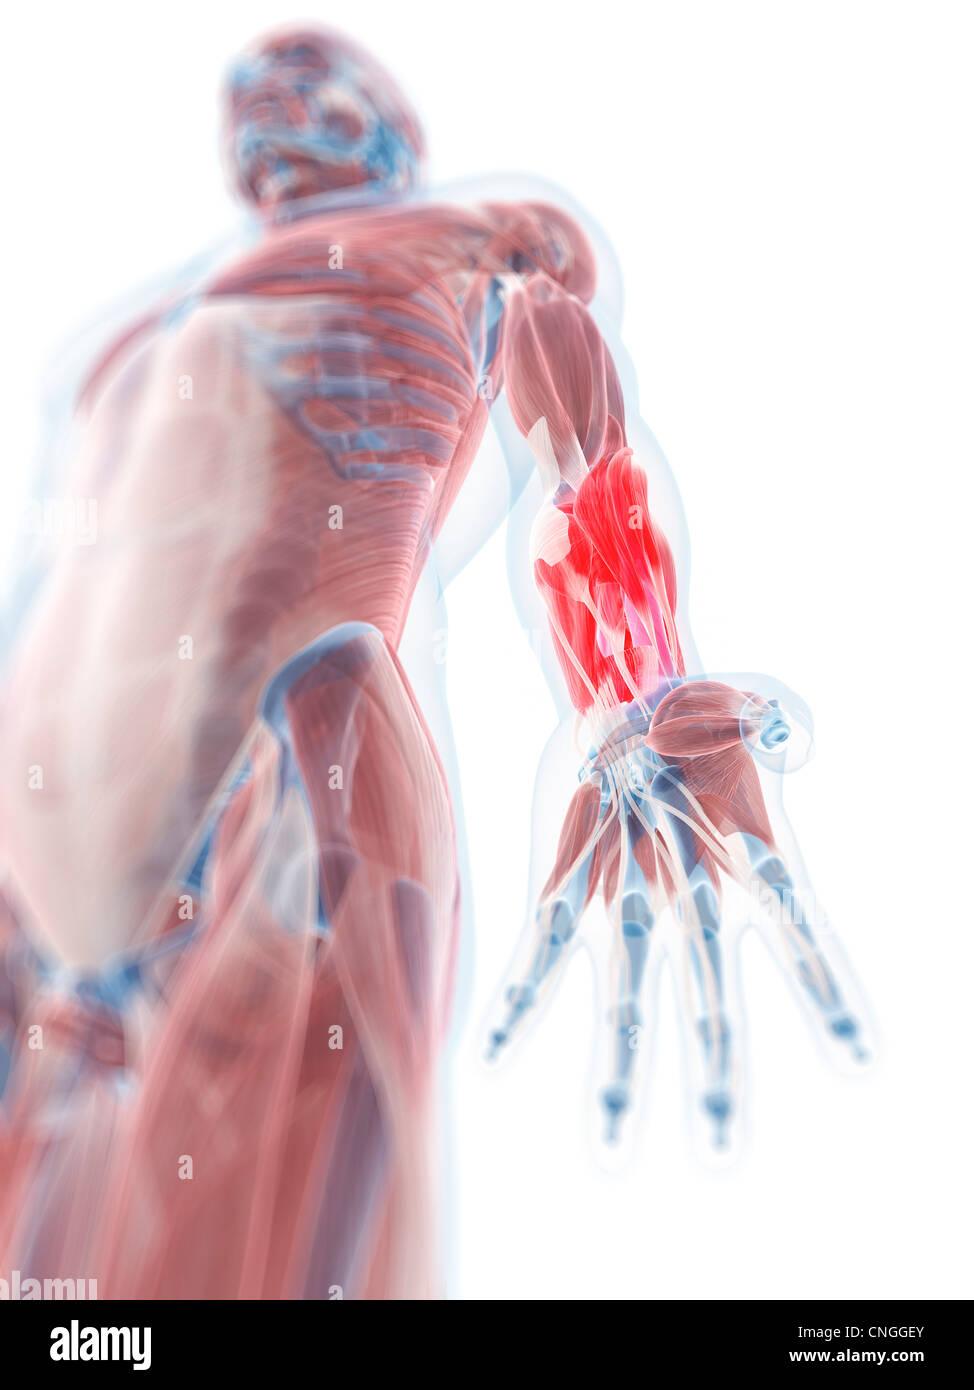 Lower arm anatomy artwork Stock Photo: 47692707 - Alamy